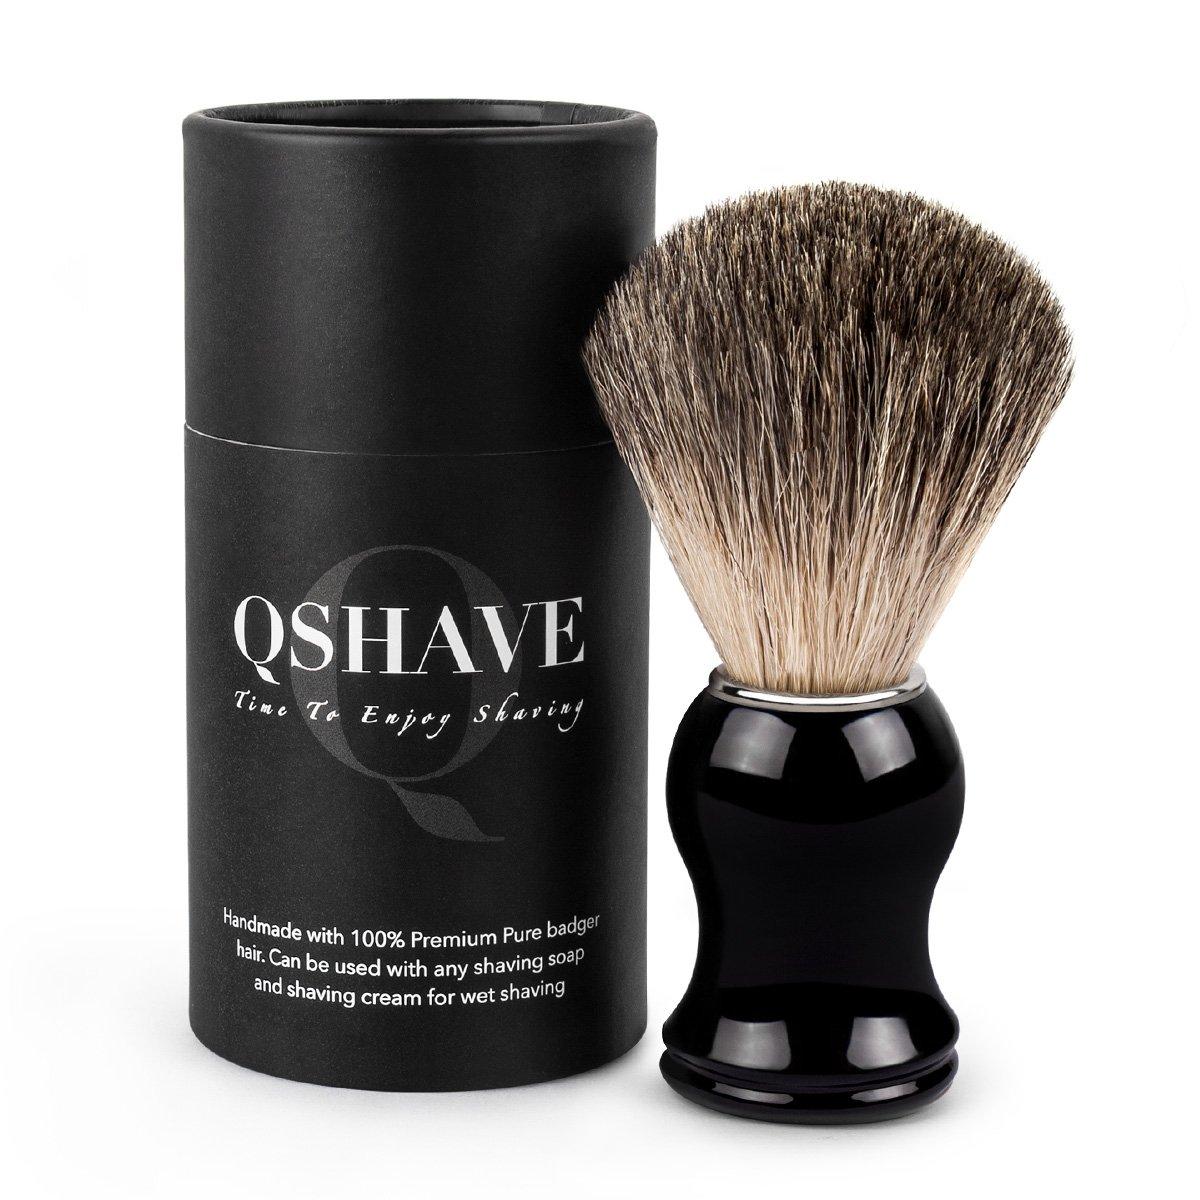 qshave cepillo Brocha de afeitar 100% pelo de blaireaus auténtico y puros Hecho a mano resina con mango de plástico. La elección para el afeitado mojado con navaja de seguridad/seguridad coup-choux QM3203